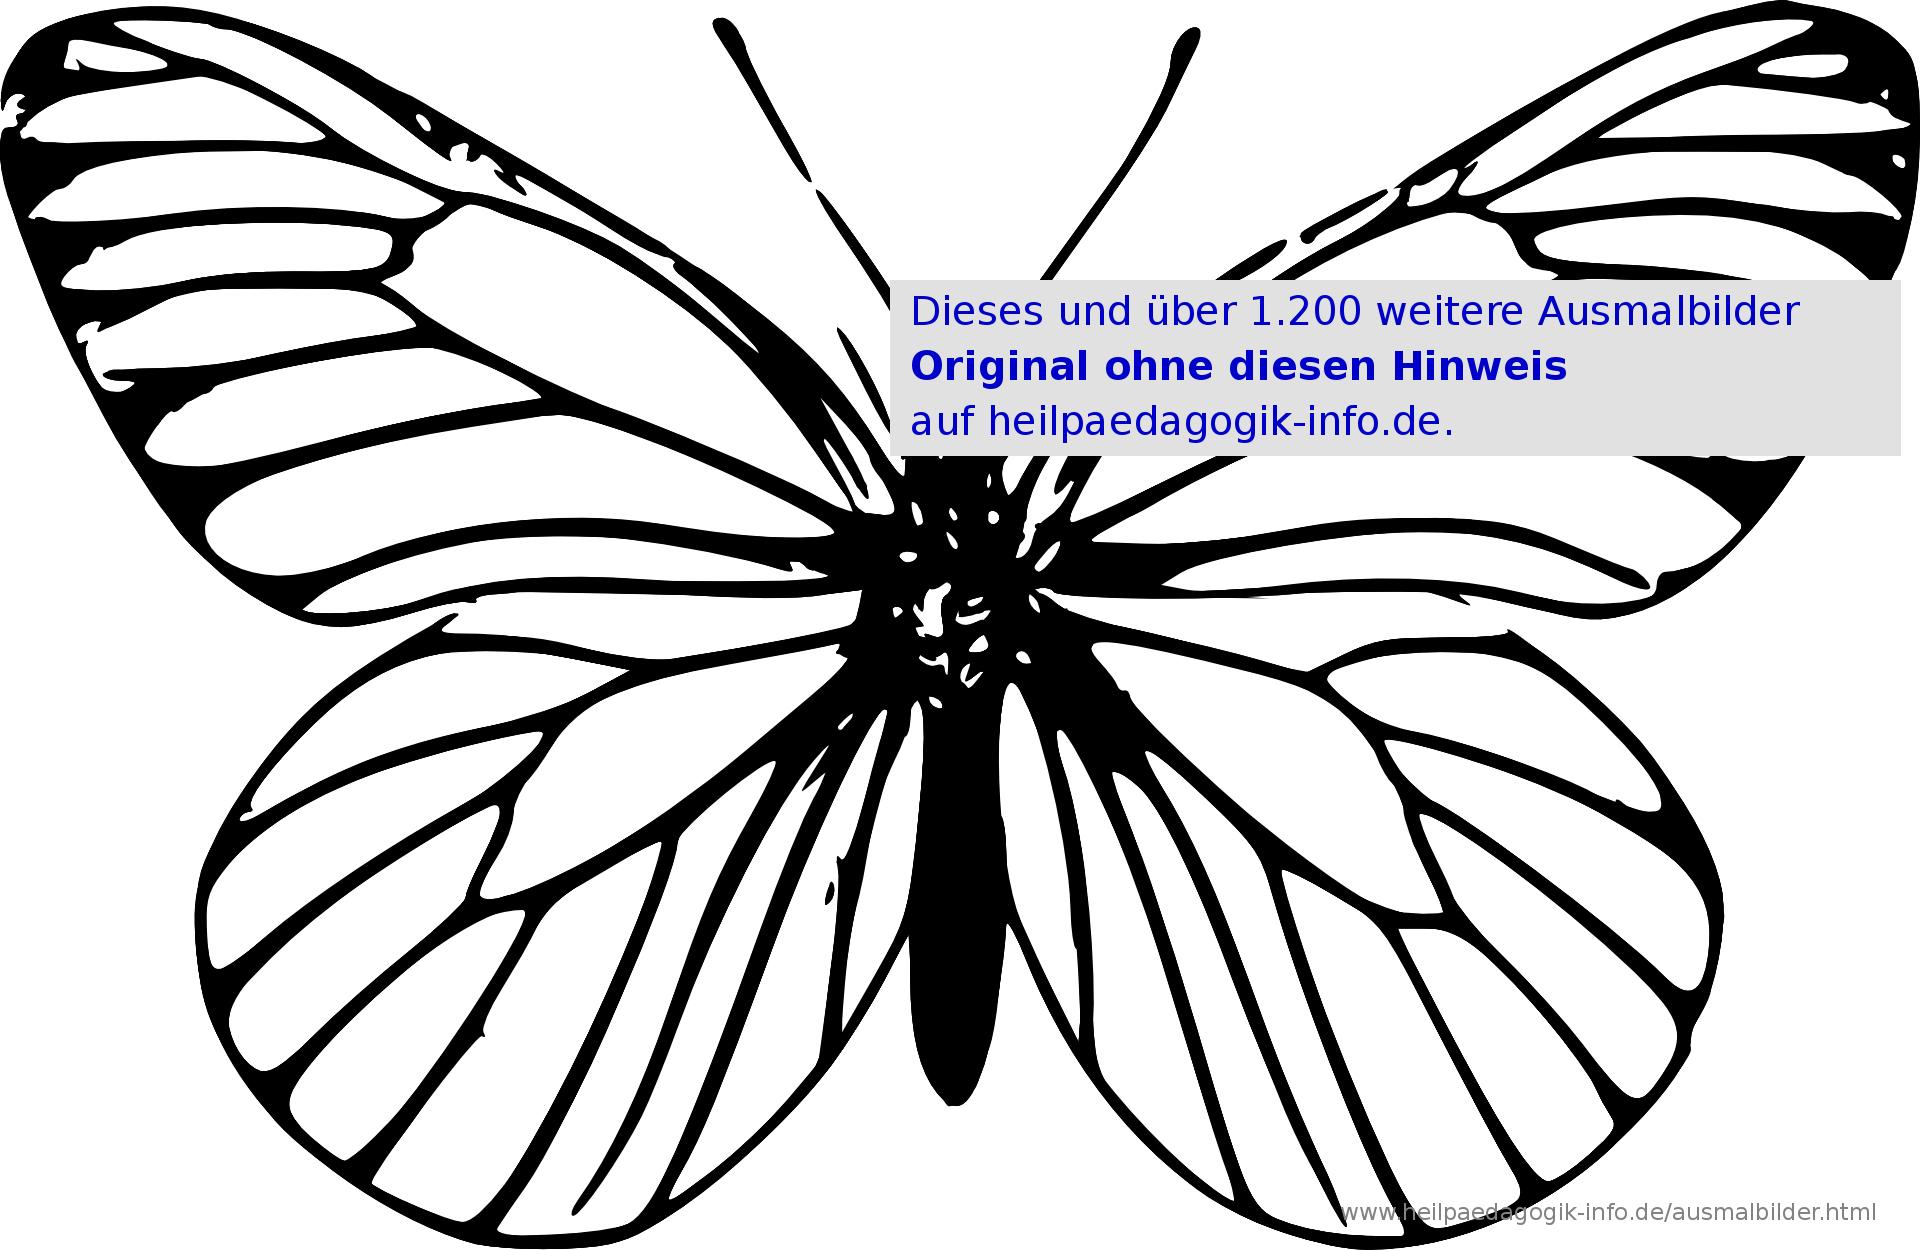 Ausmalbilder Käfer, Schmetterlinge, Insekten in Malvorlagen Schmetterling